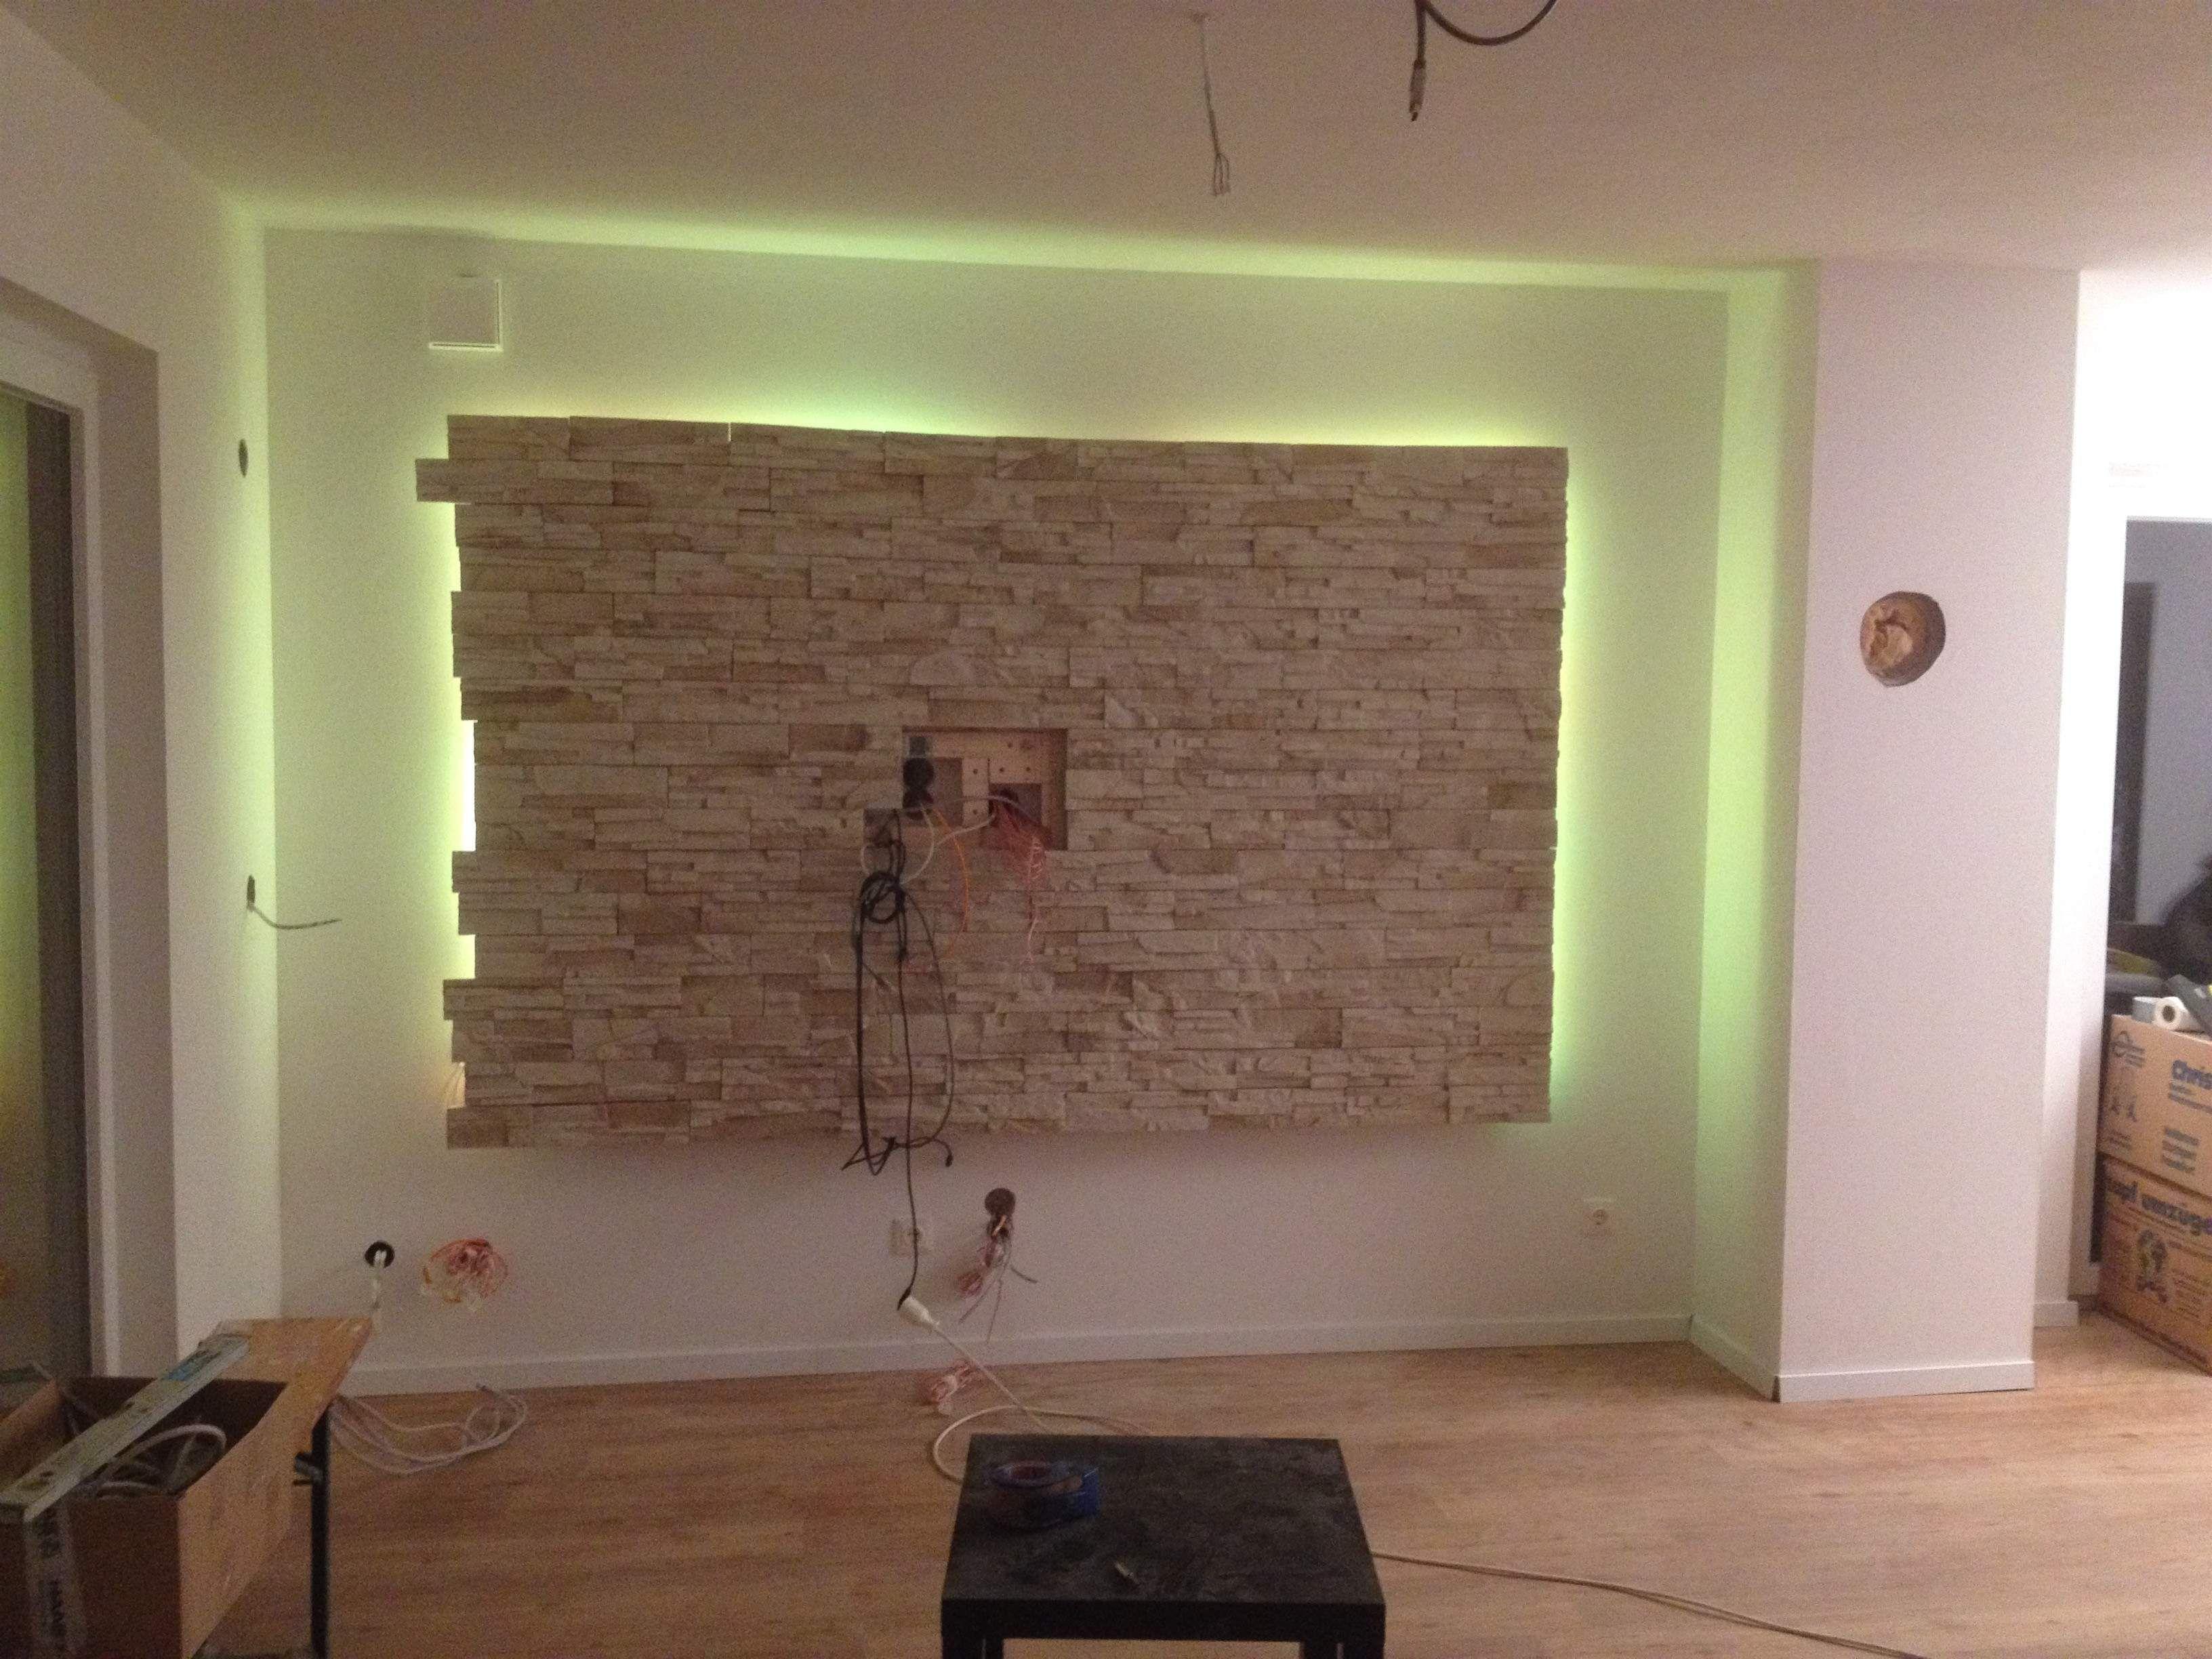 16 Wohnzimmer Deckenbeleuchtung Ideen Aussendesign In 2020 Steinwand Wohnzimmer Schone Wohnzimmer Tv Wanddekor